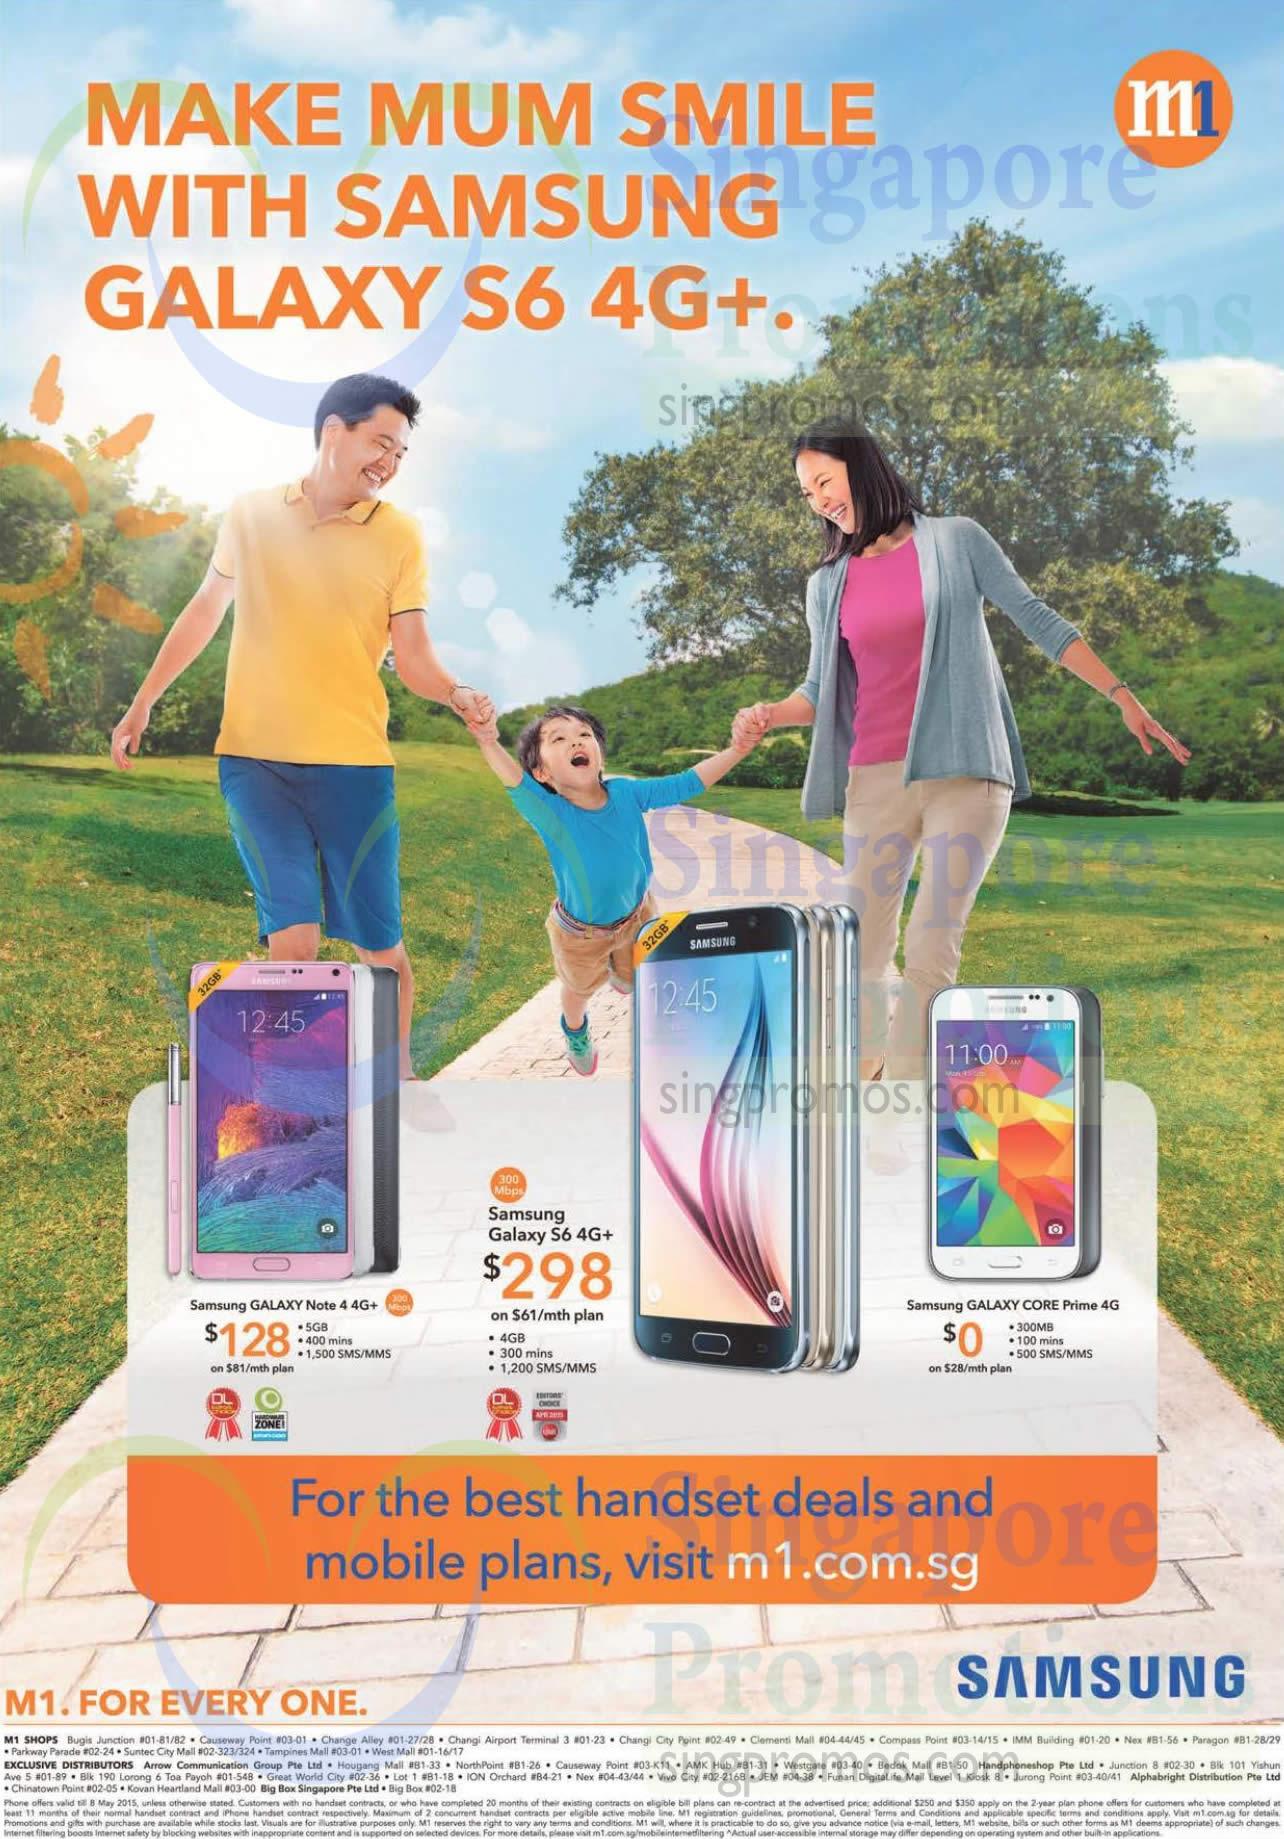 Samsung Galaxy Note 4, Samsung Galaxy S6, Samsung Galaxy Core Prime